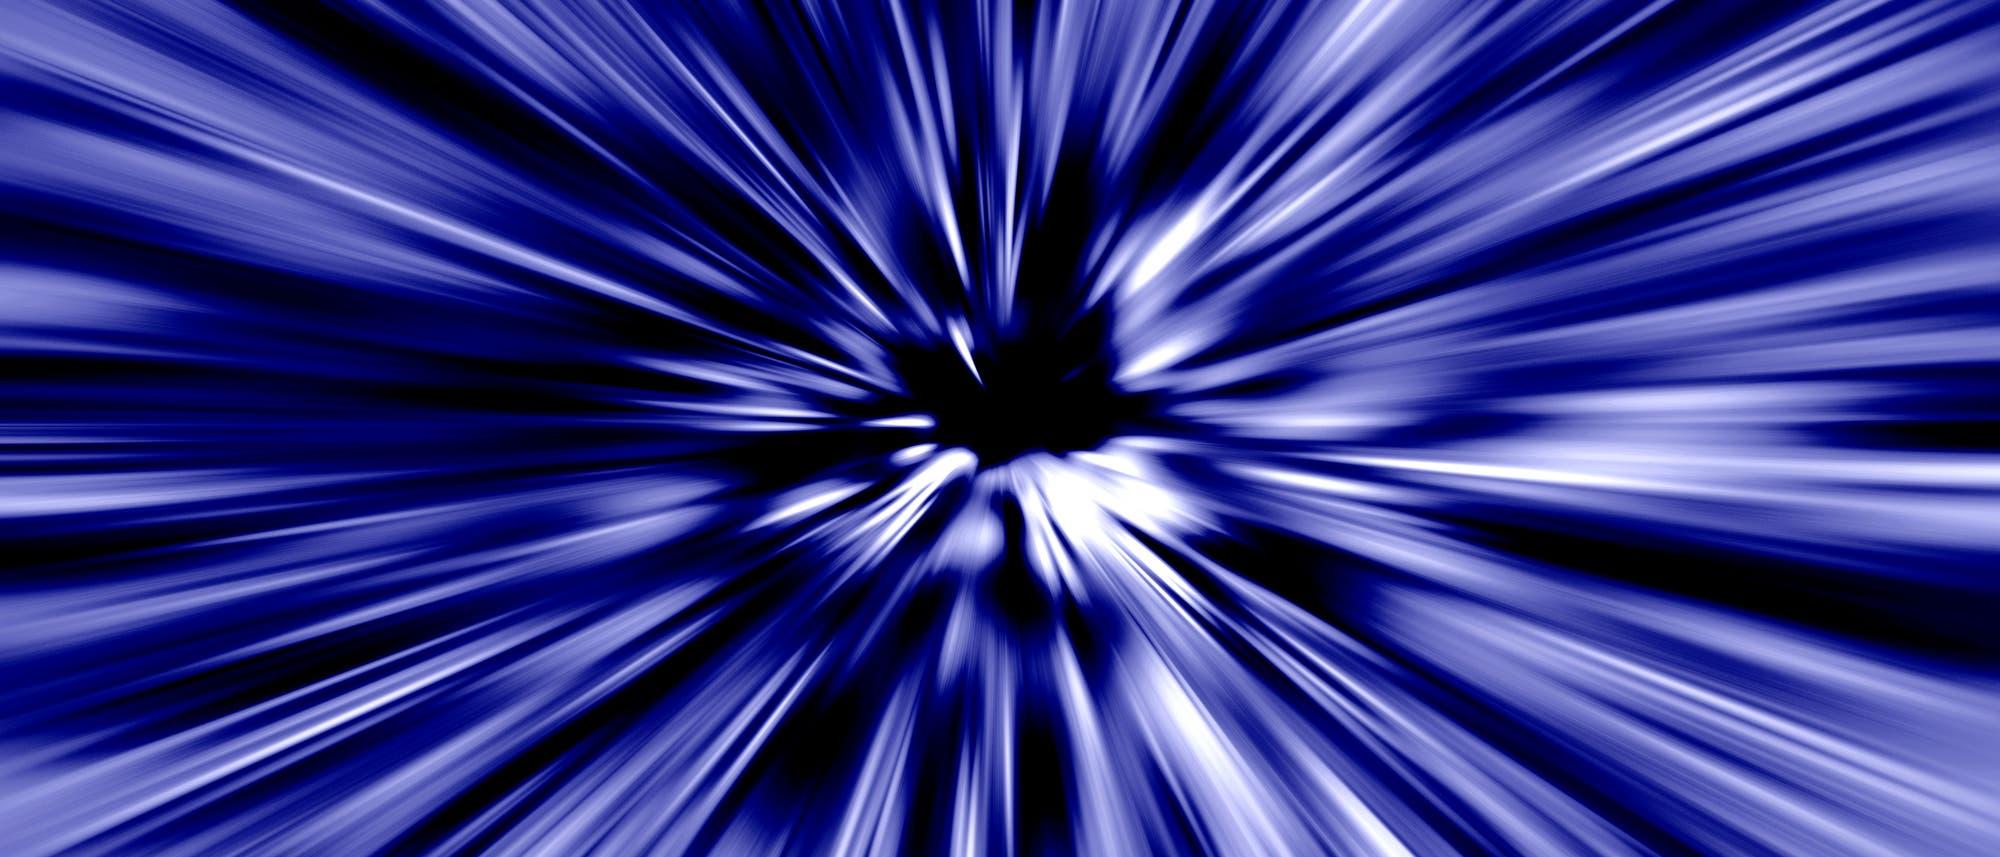 Aufs Bildzentrum zulaufende blaue und weiße Formen, die einen Eindruck von Geschwindigkeit vermitteln.